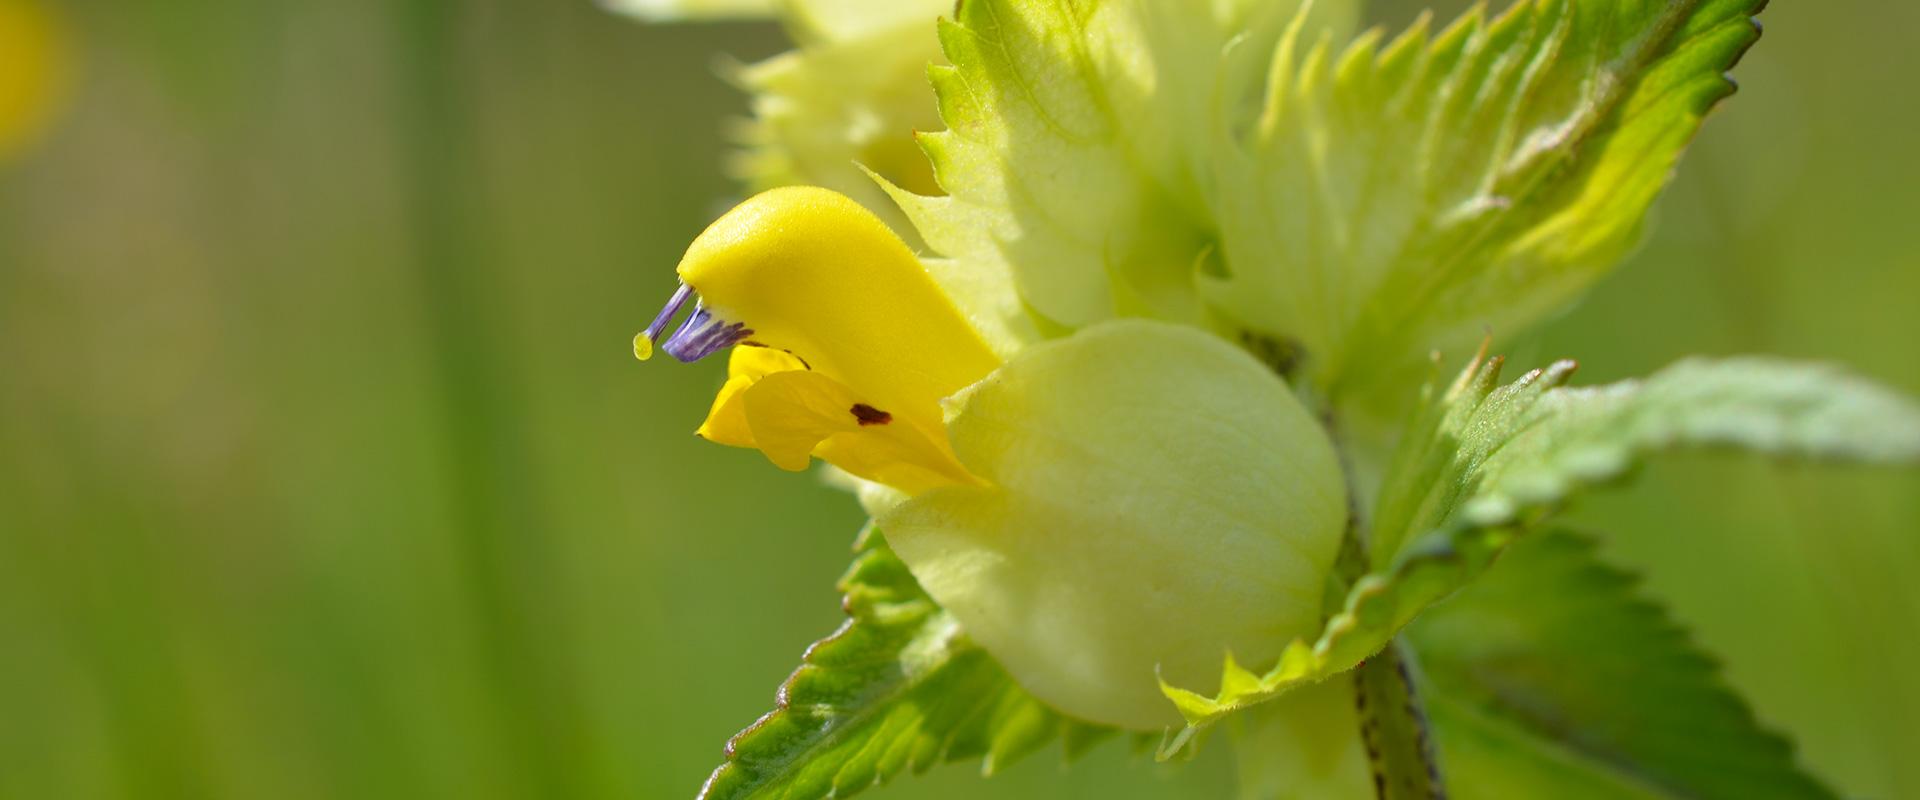 fleur jaune l'inclassable biodiversité